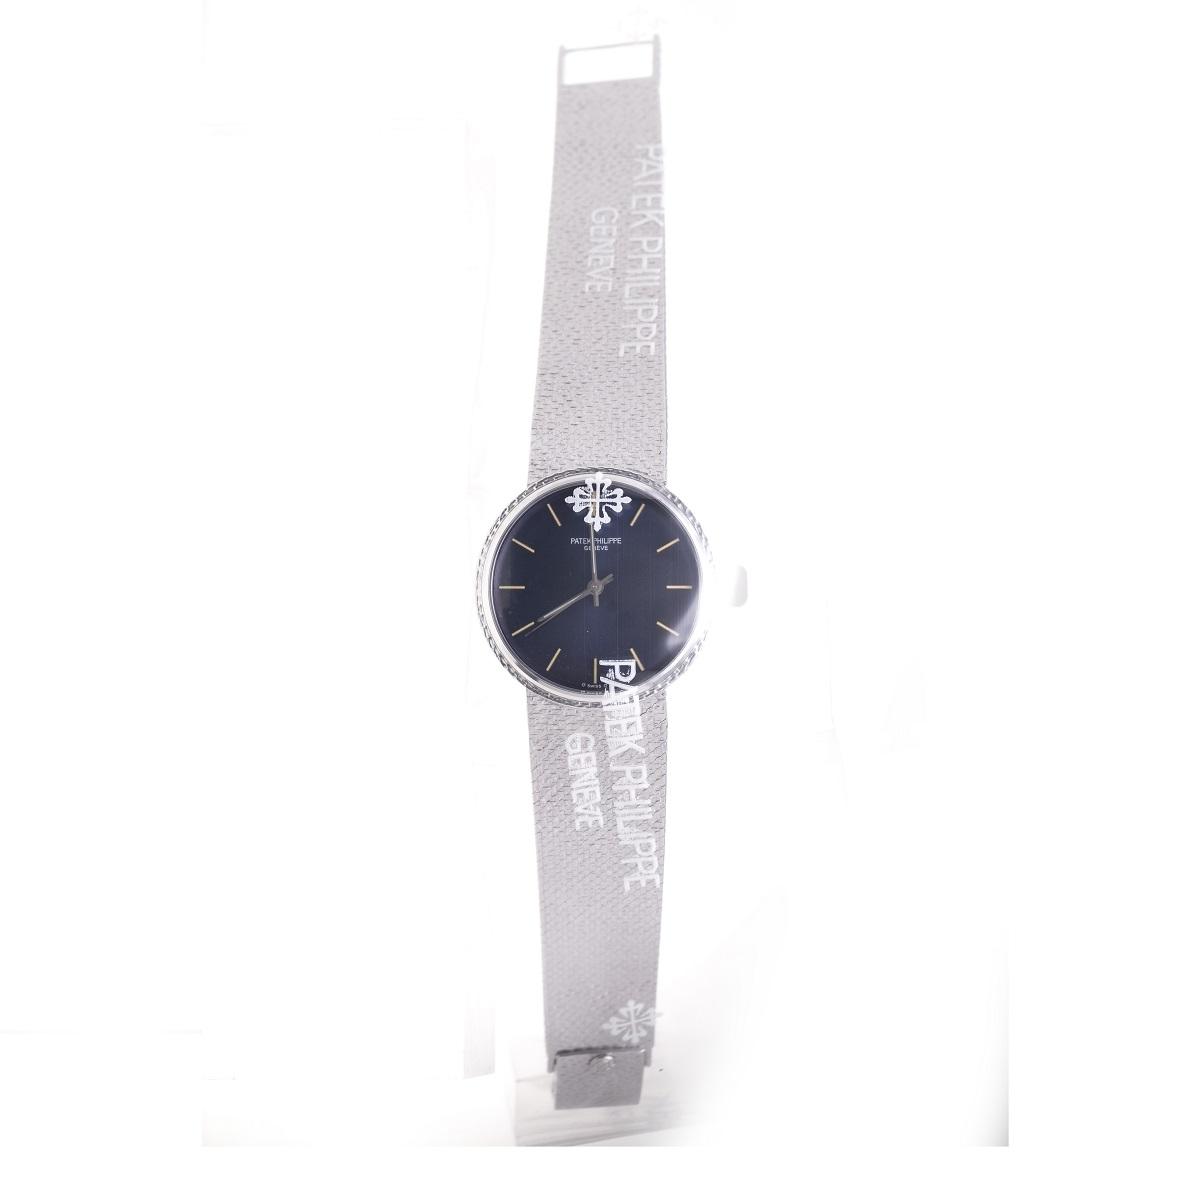 PATEK PHILPPE パテックフィリップ 3563/2G-200 腕時計 WG ホワイトゴールド 自動巻き 1972年 メーカーメンテナンス 送料無料 【トレジャースポット】【中古】